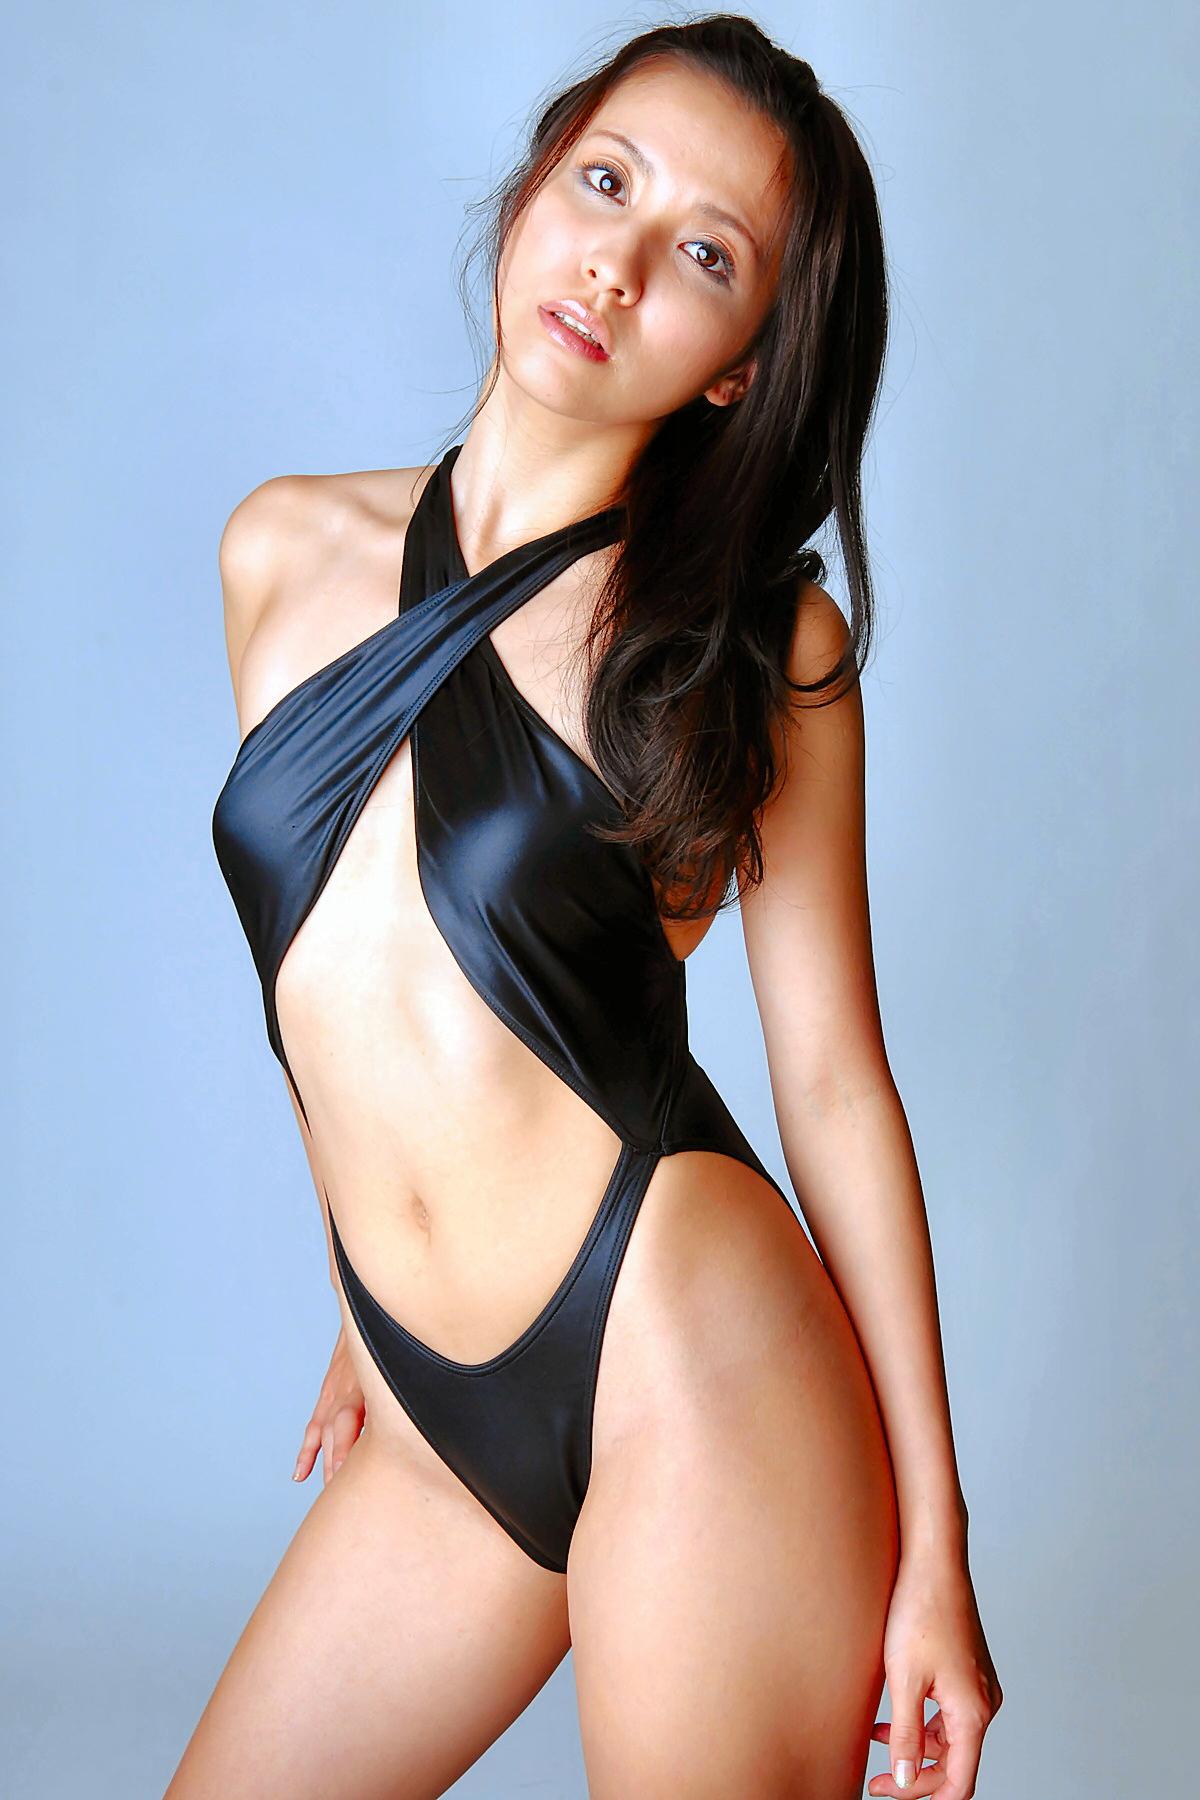 Bikini model milani